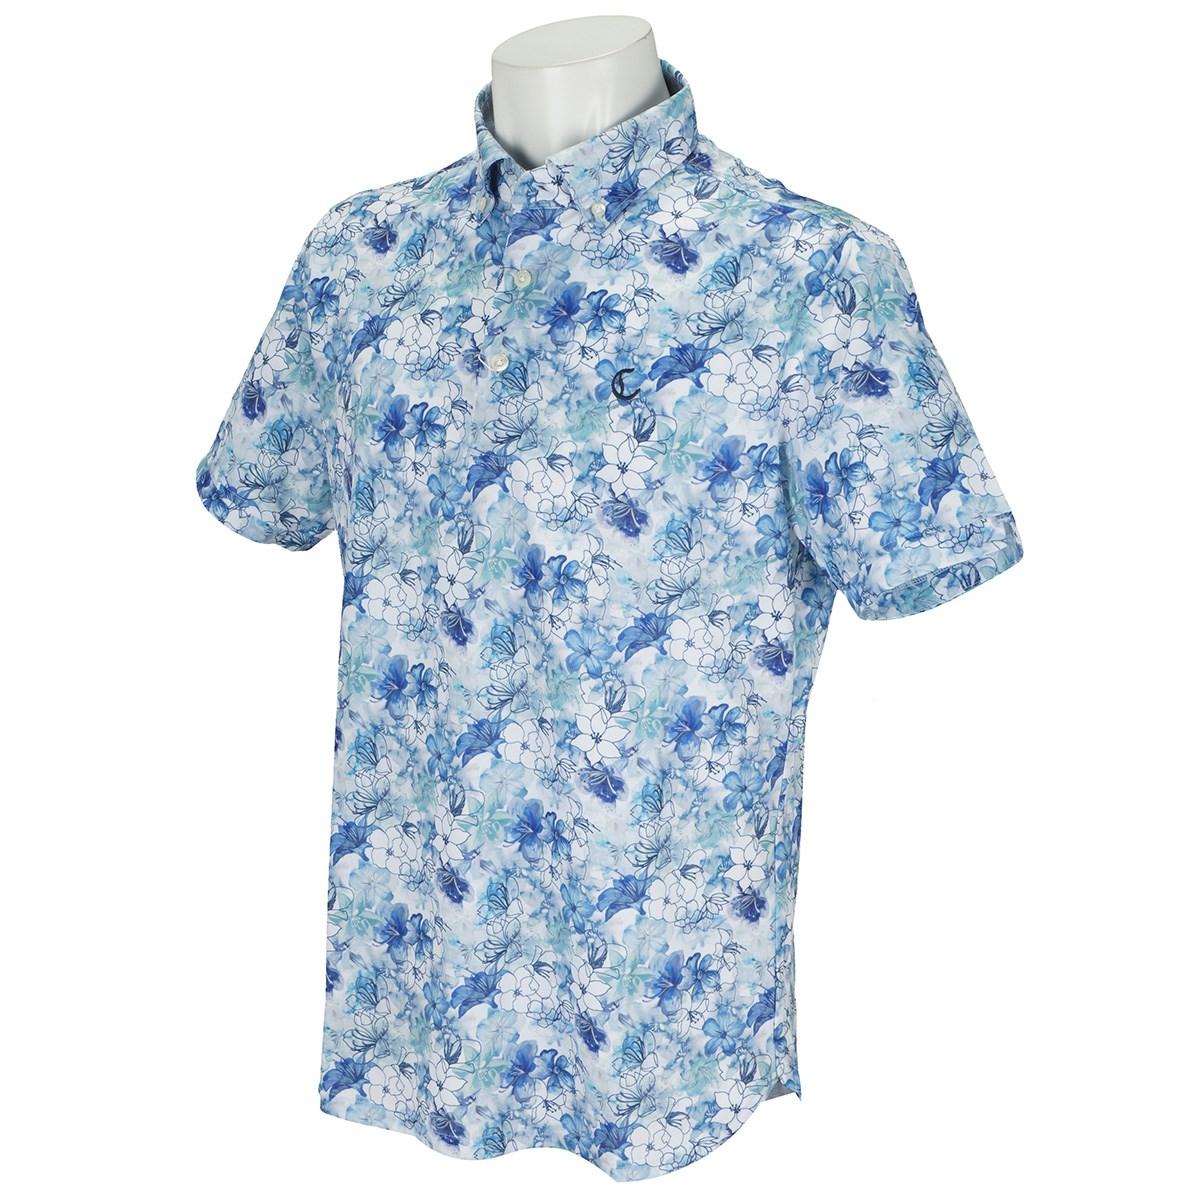 キャロウェイゴルフ(Callaway Golf) 半袖ポロシャツ